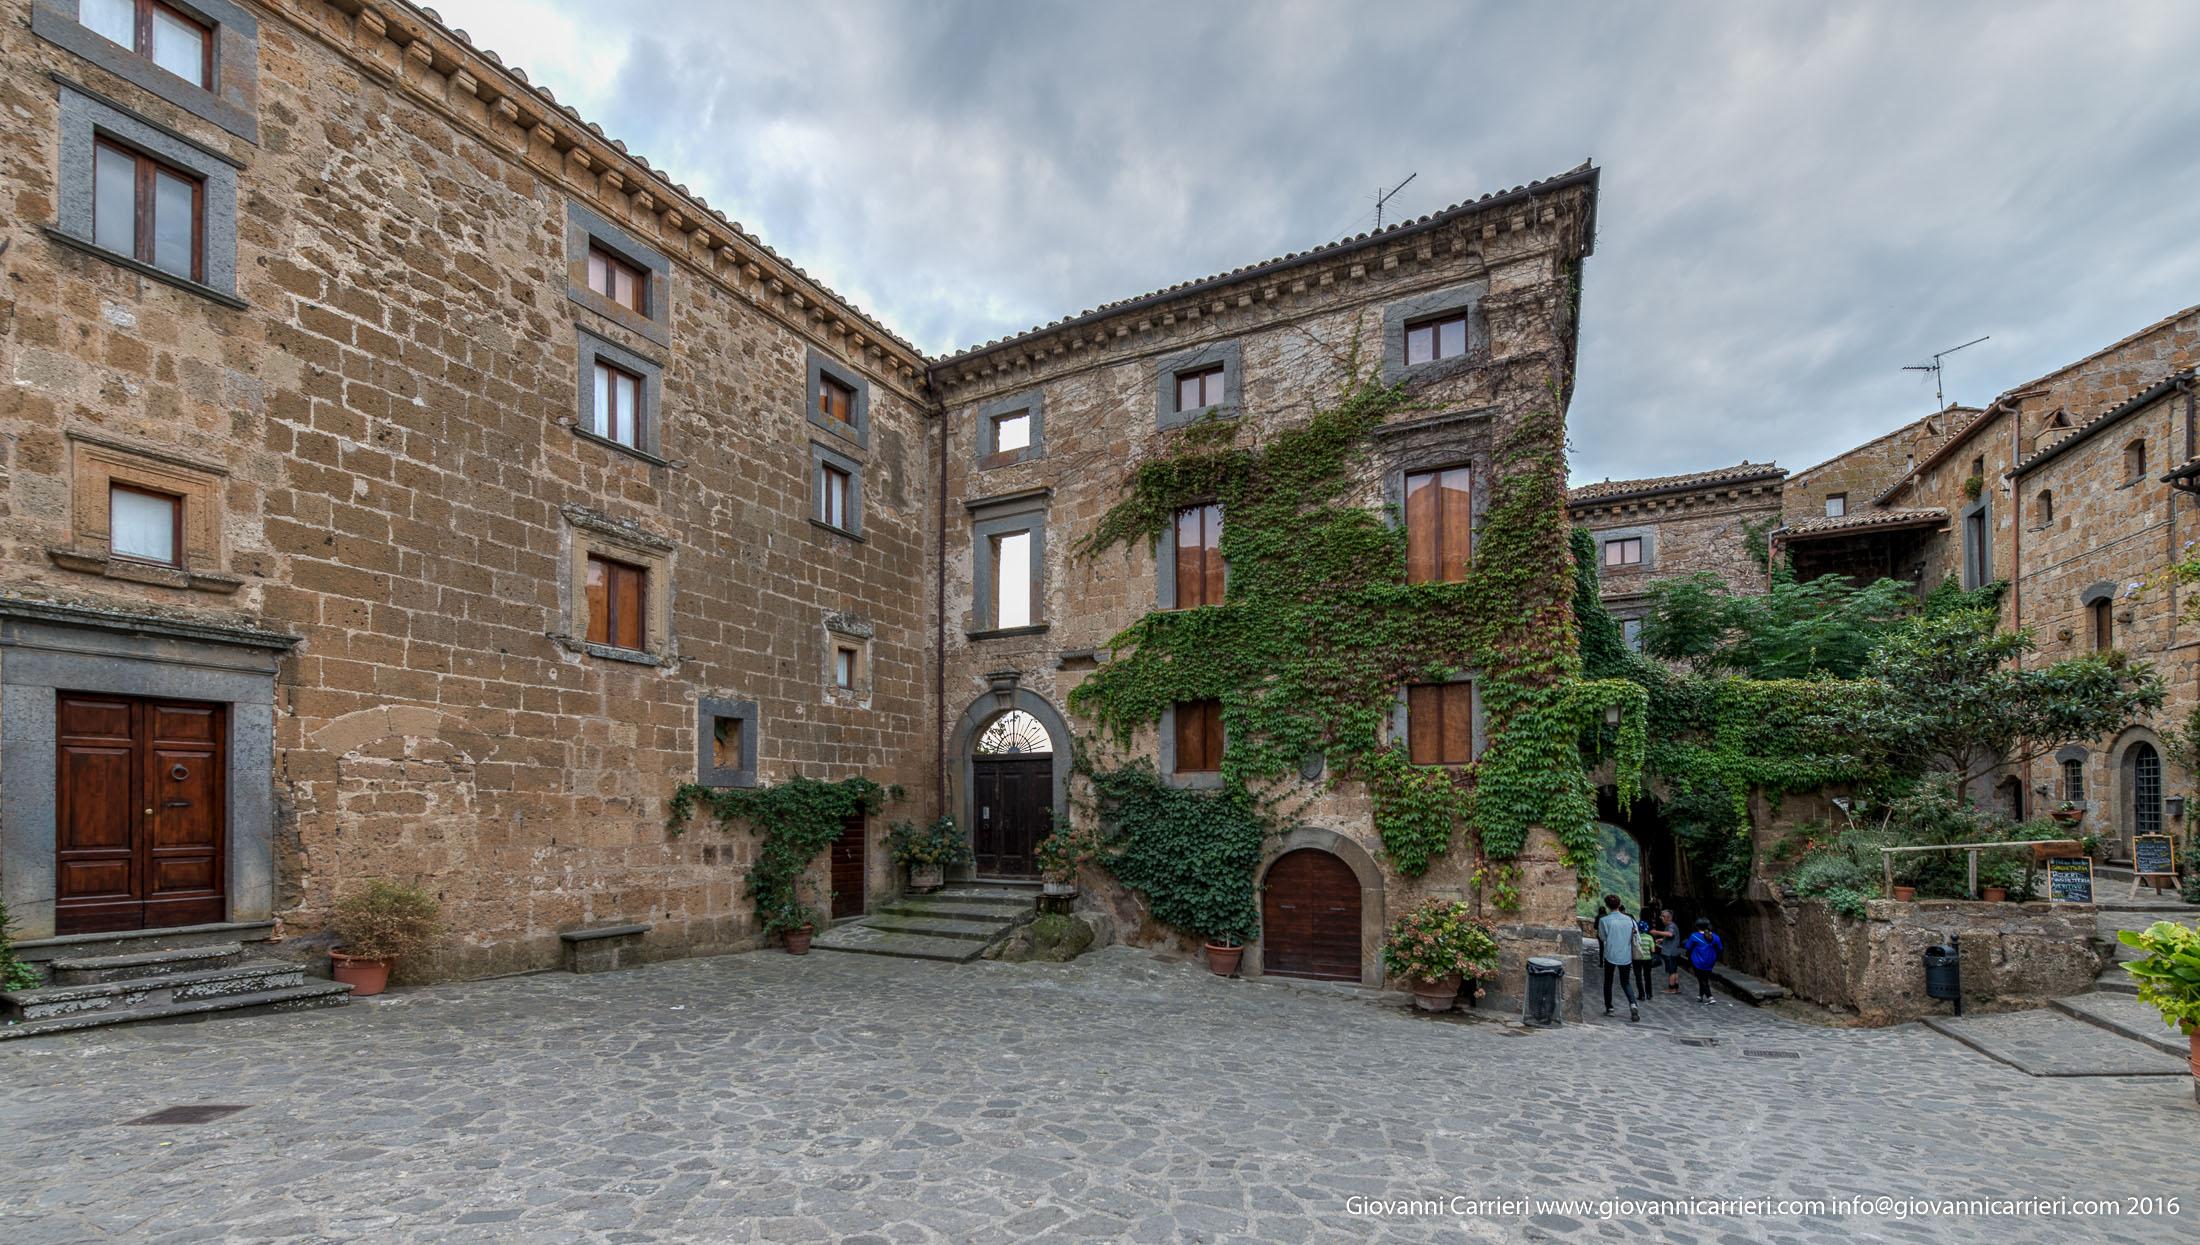 Ingresso del centro storico di Civita di Bagnoregio